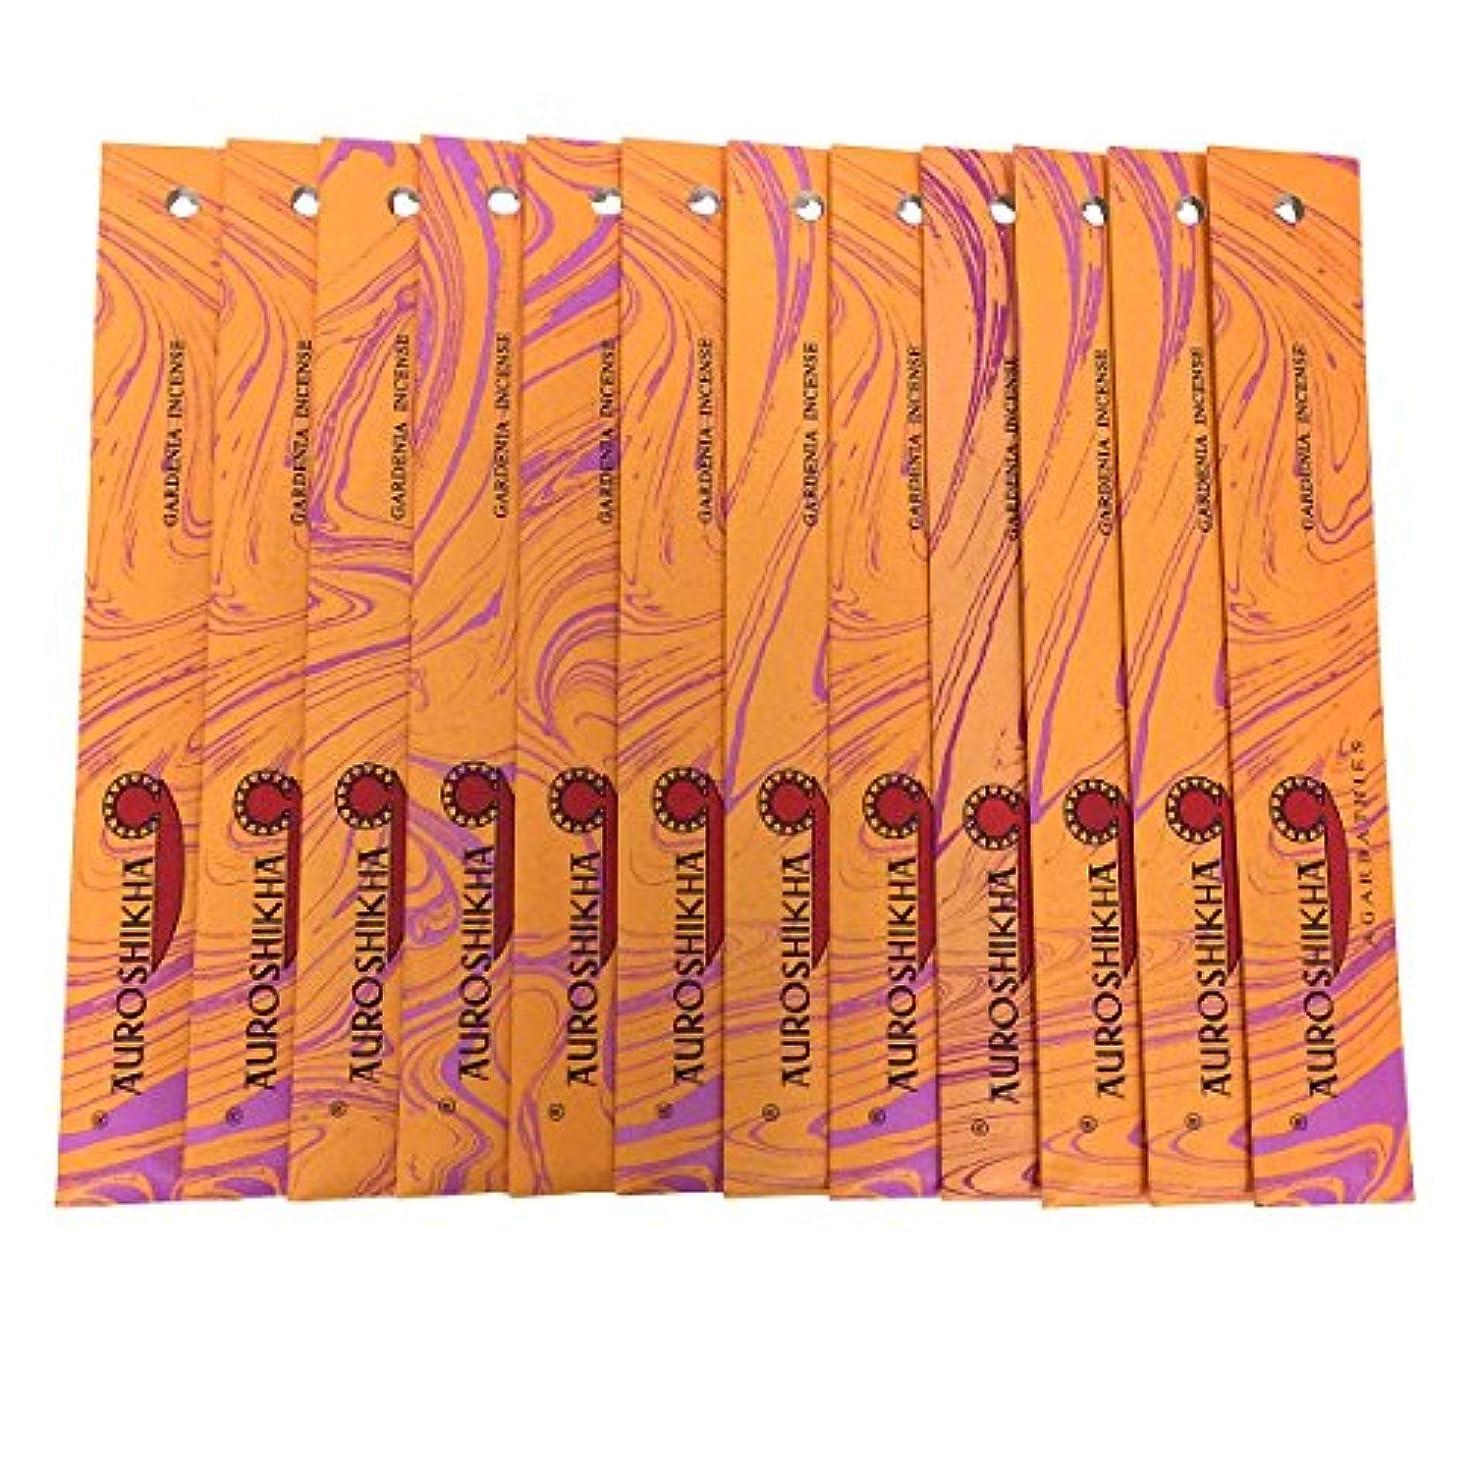 解決抗生物質磨かれたAUROSHIKHA オウロシカ(GARDENIAガーデニア12個セット) マーブルパッケージスティック 送料無料